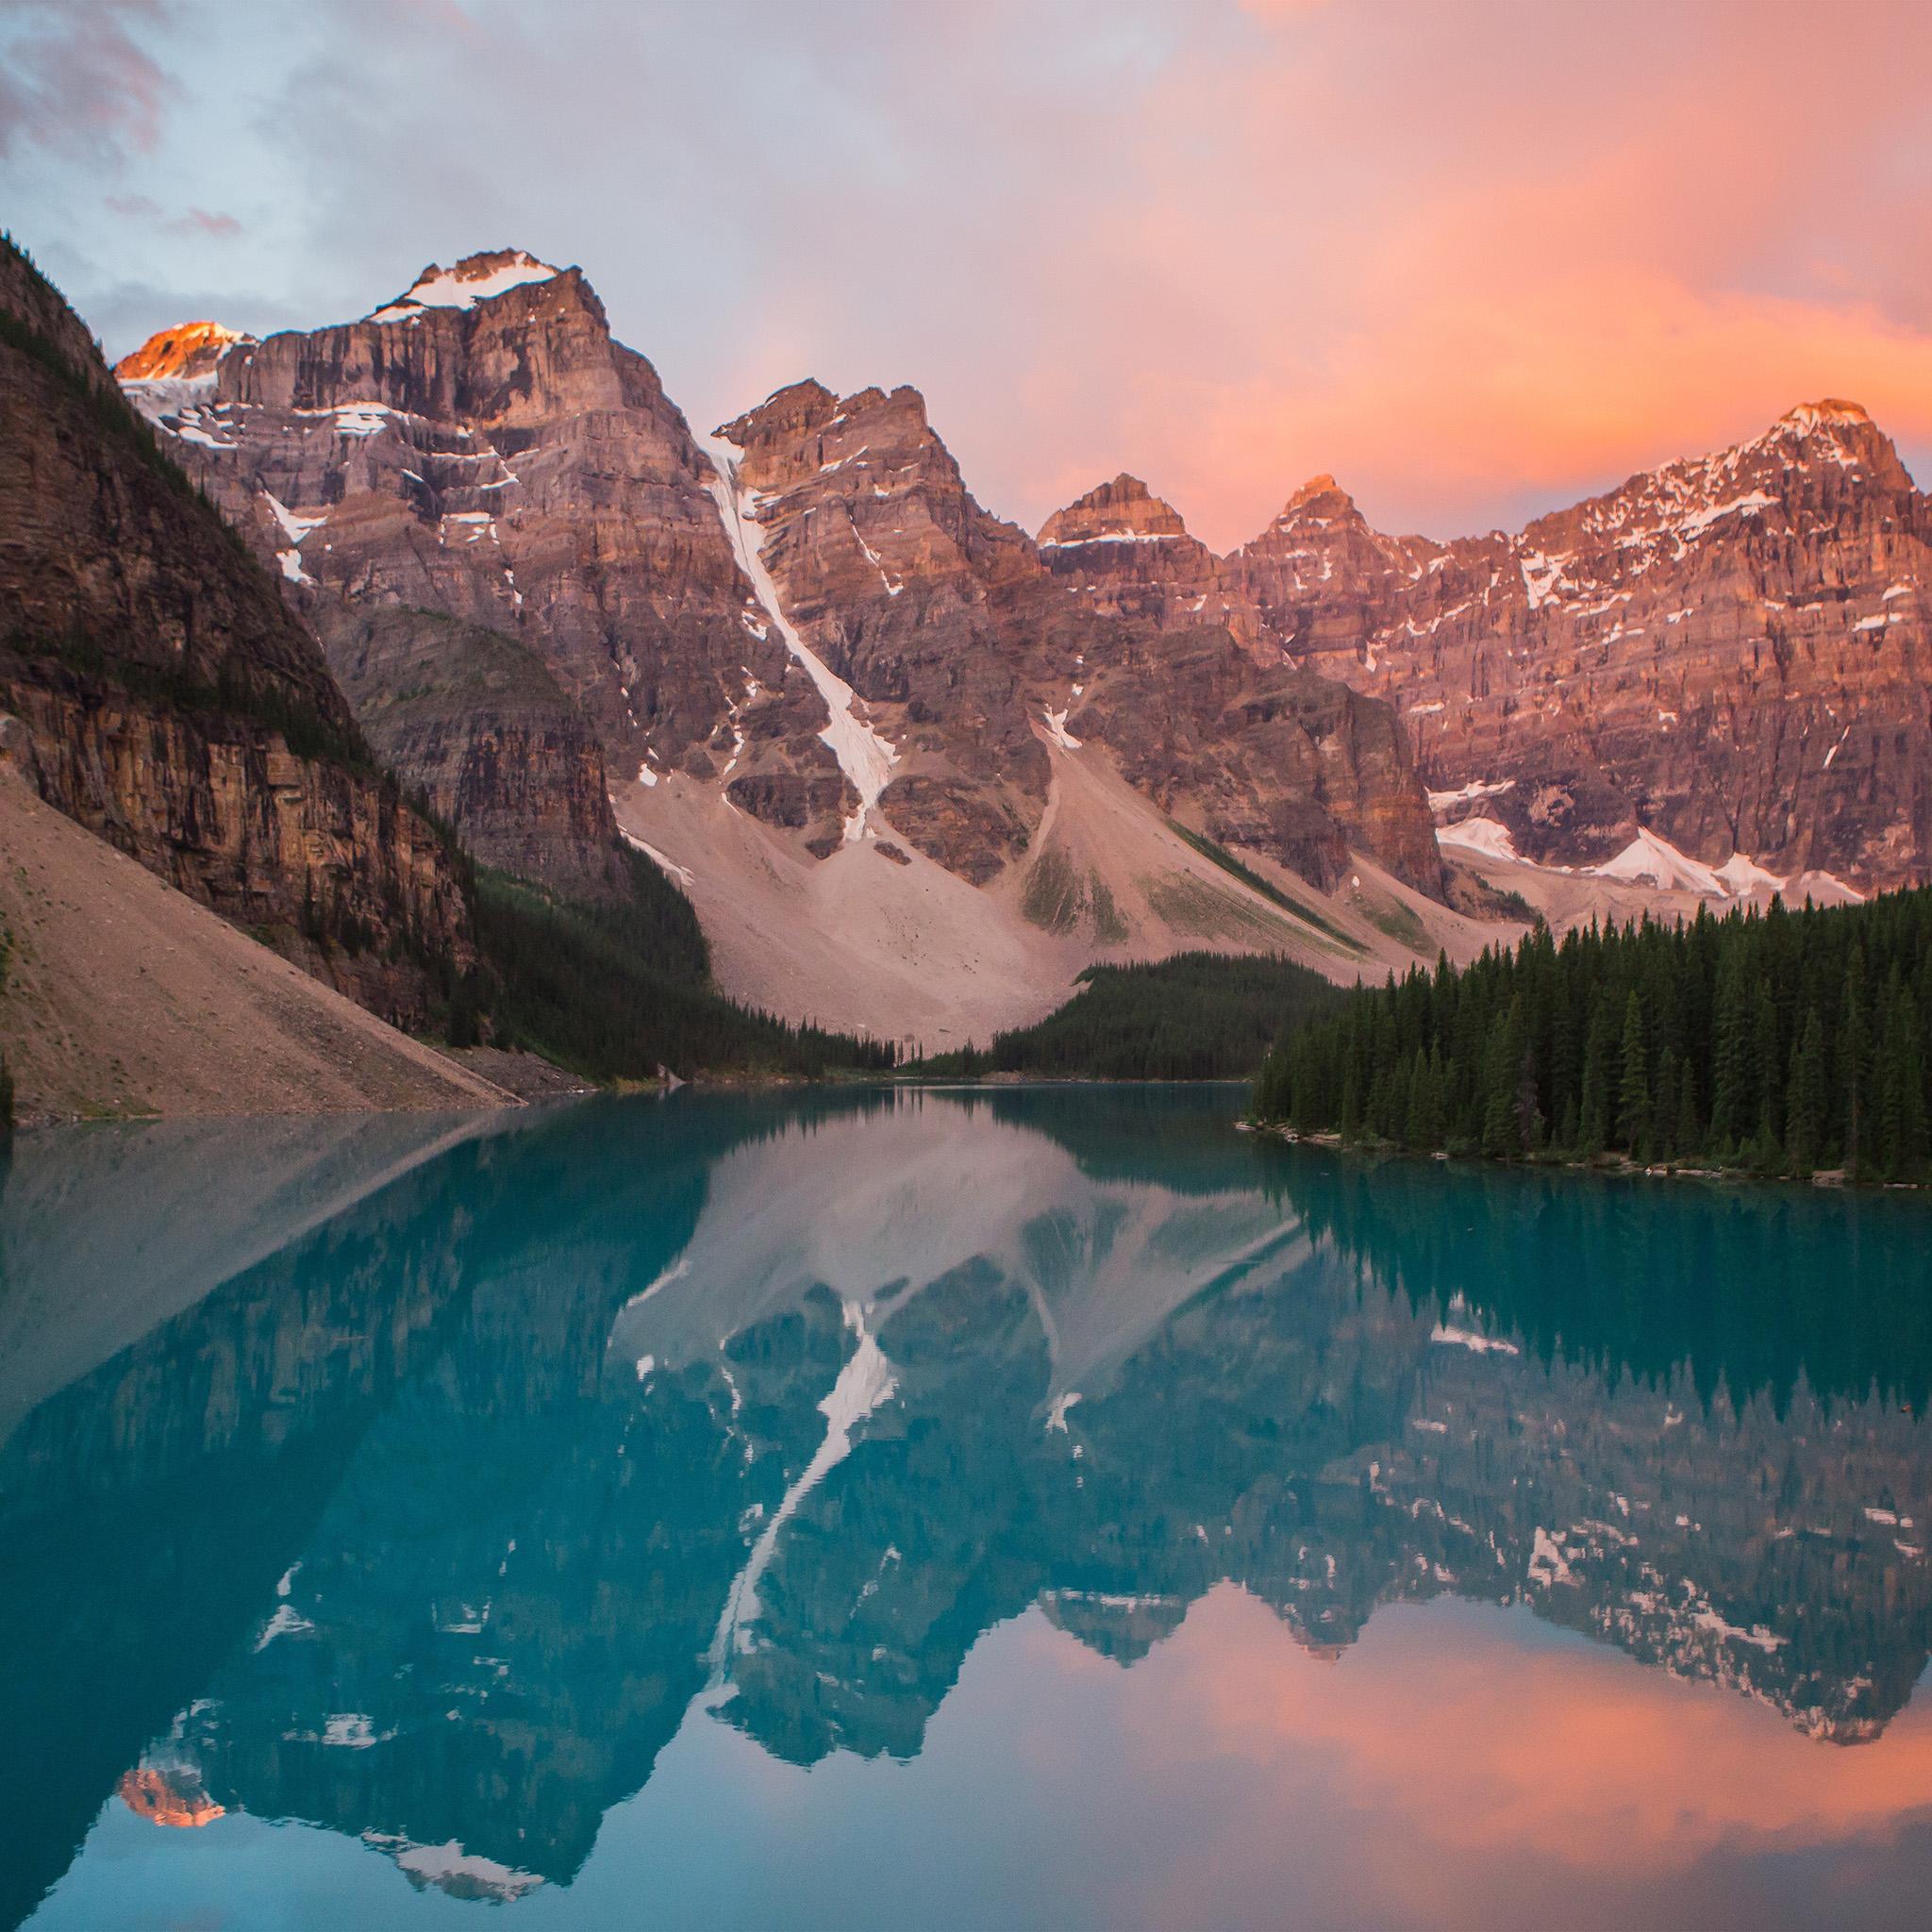 ns24-lake-mountain-pink-sunset-nature-wallpaper